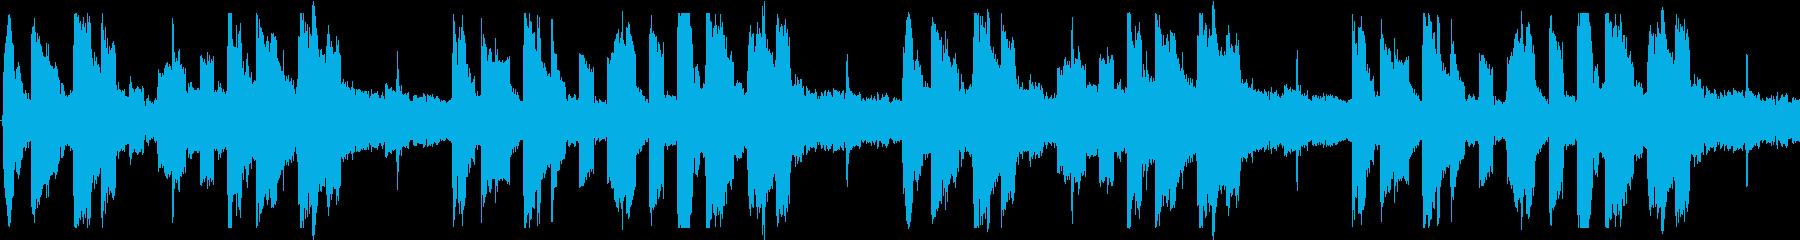 未来的でアナログ感あるシンセ音ループ素材の再生済みの波形